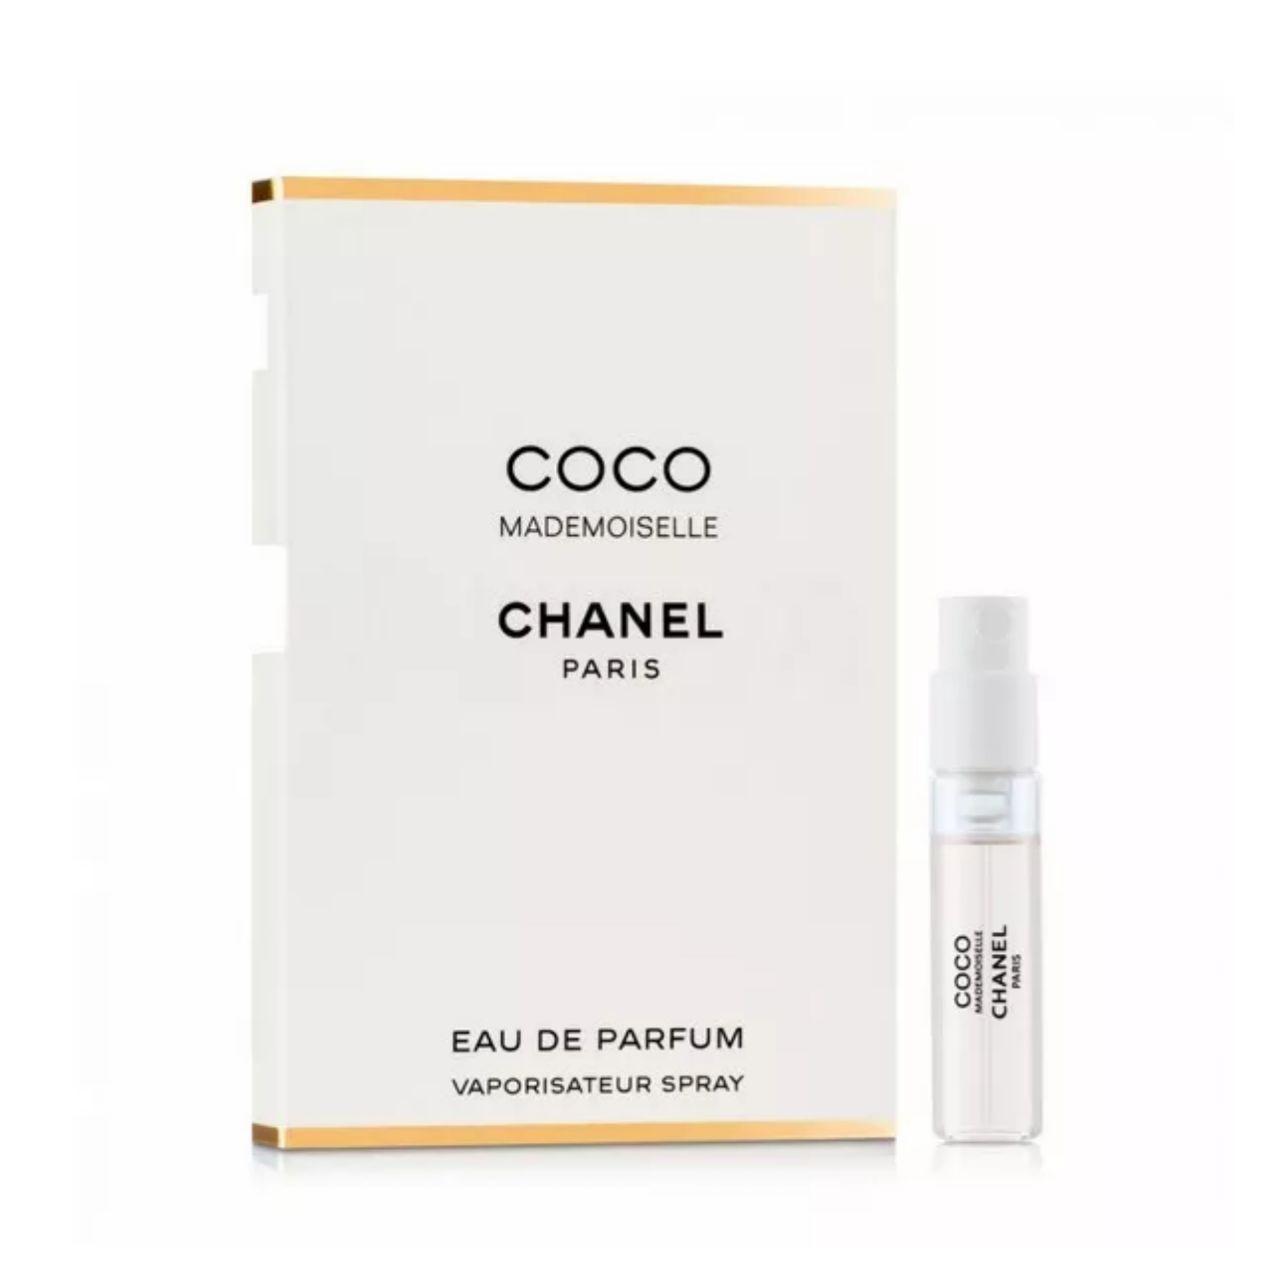 ПРОБНИК женские элитные французские духи CHANEL Coco Mademoiselle 1,5ml цветочный стойкий шлейфовый аромат